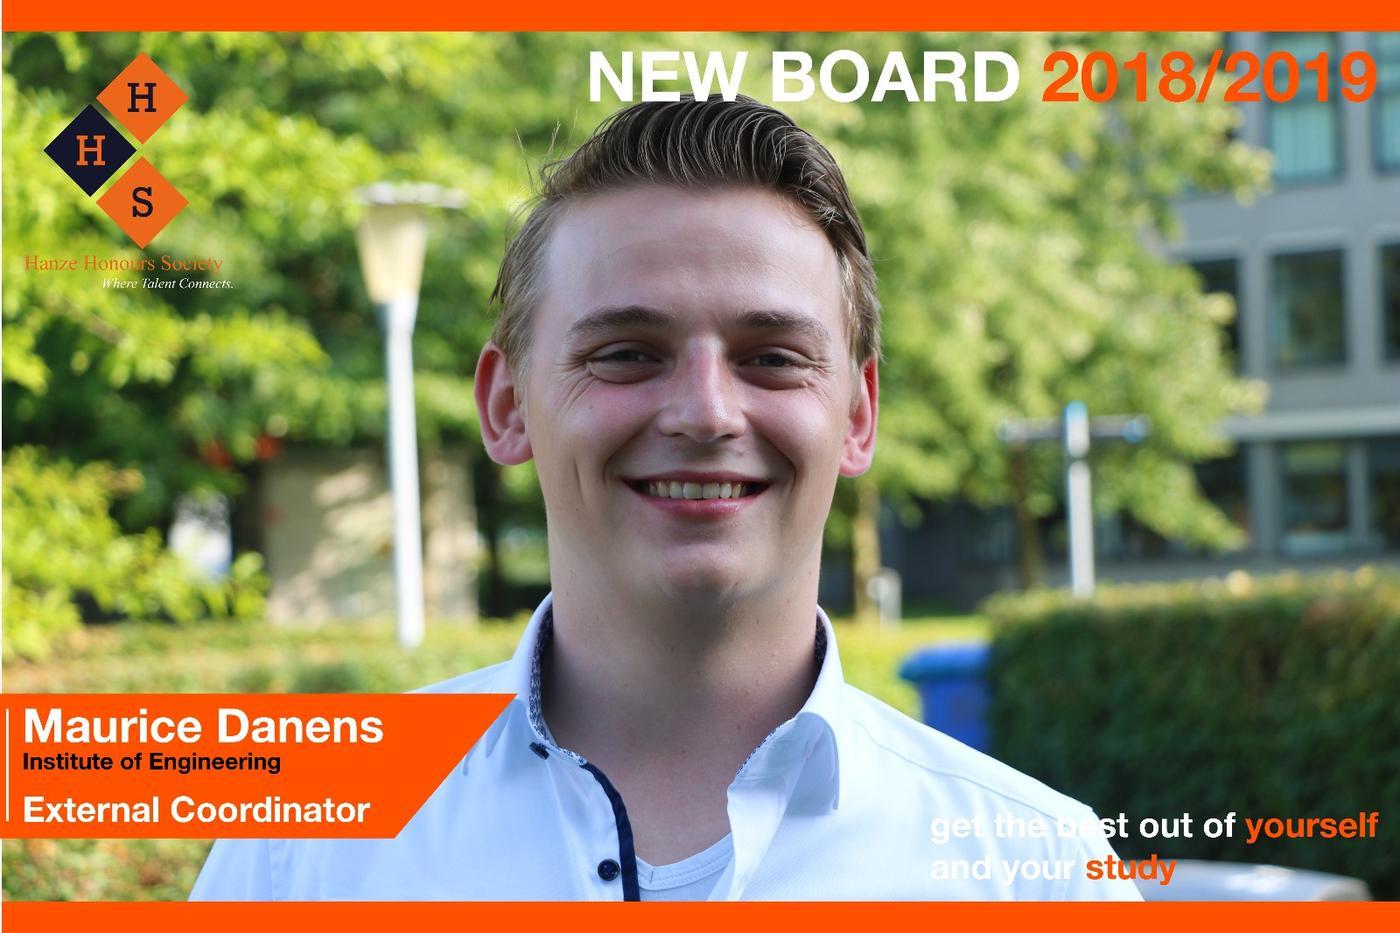 New Board - External coordinator